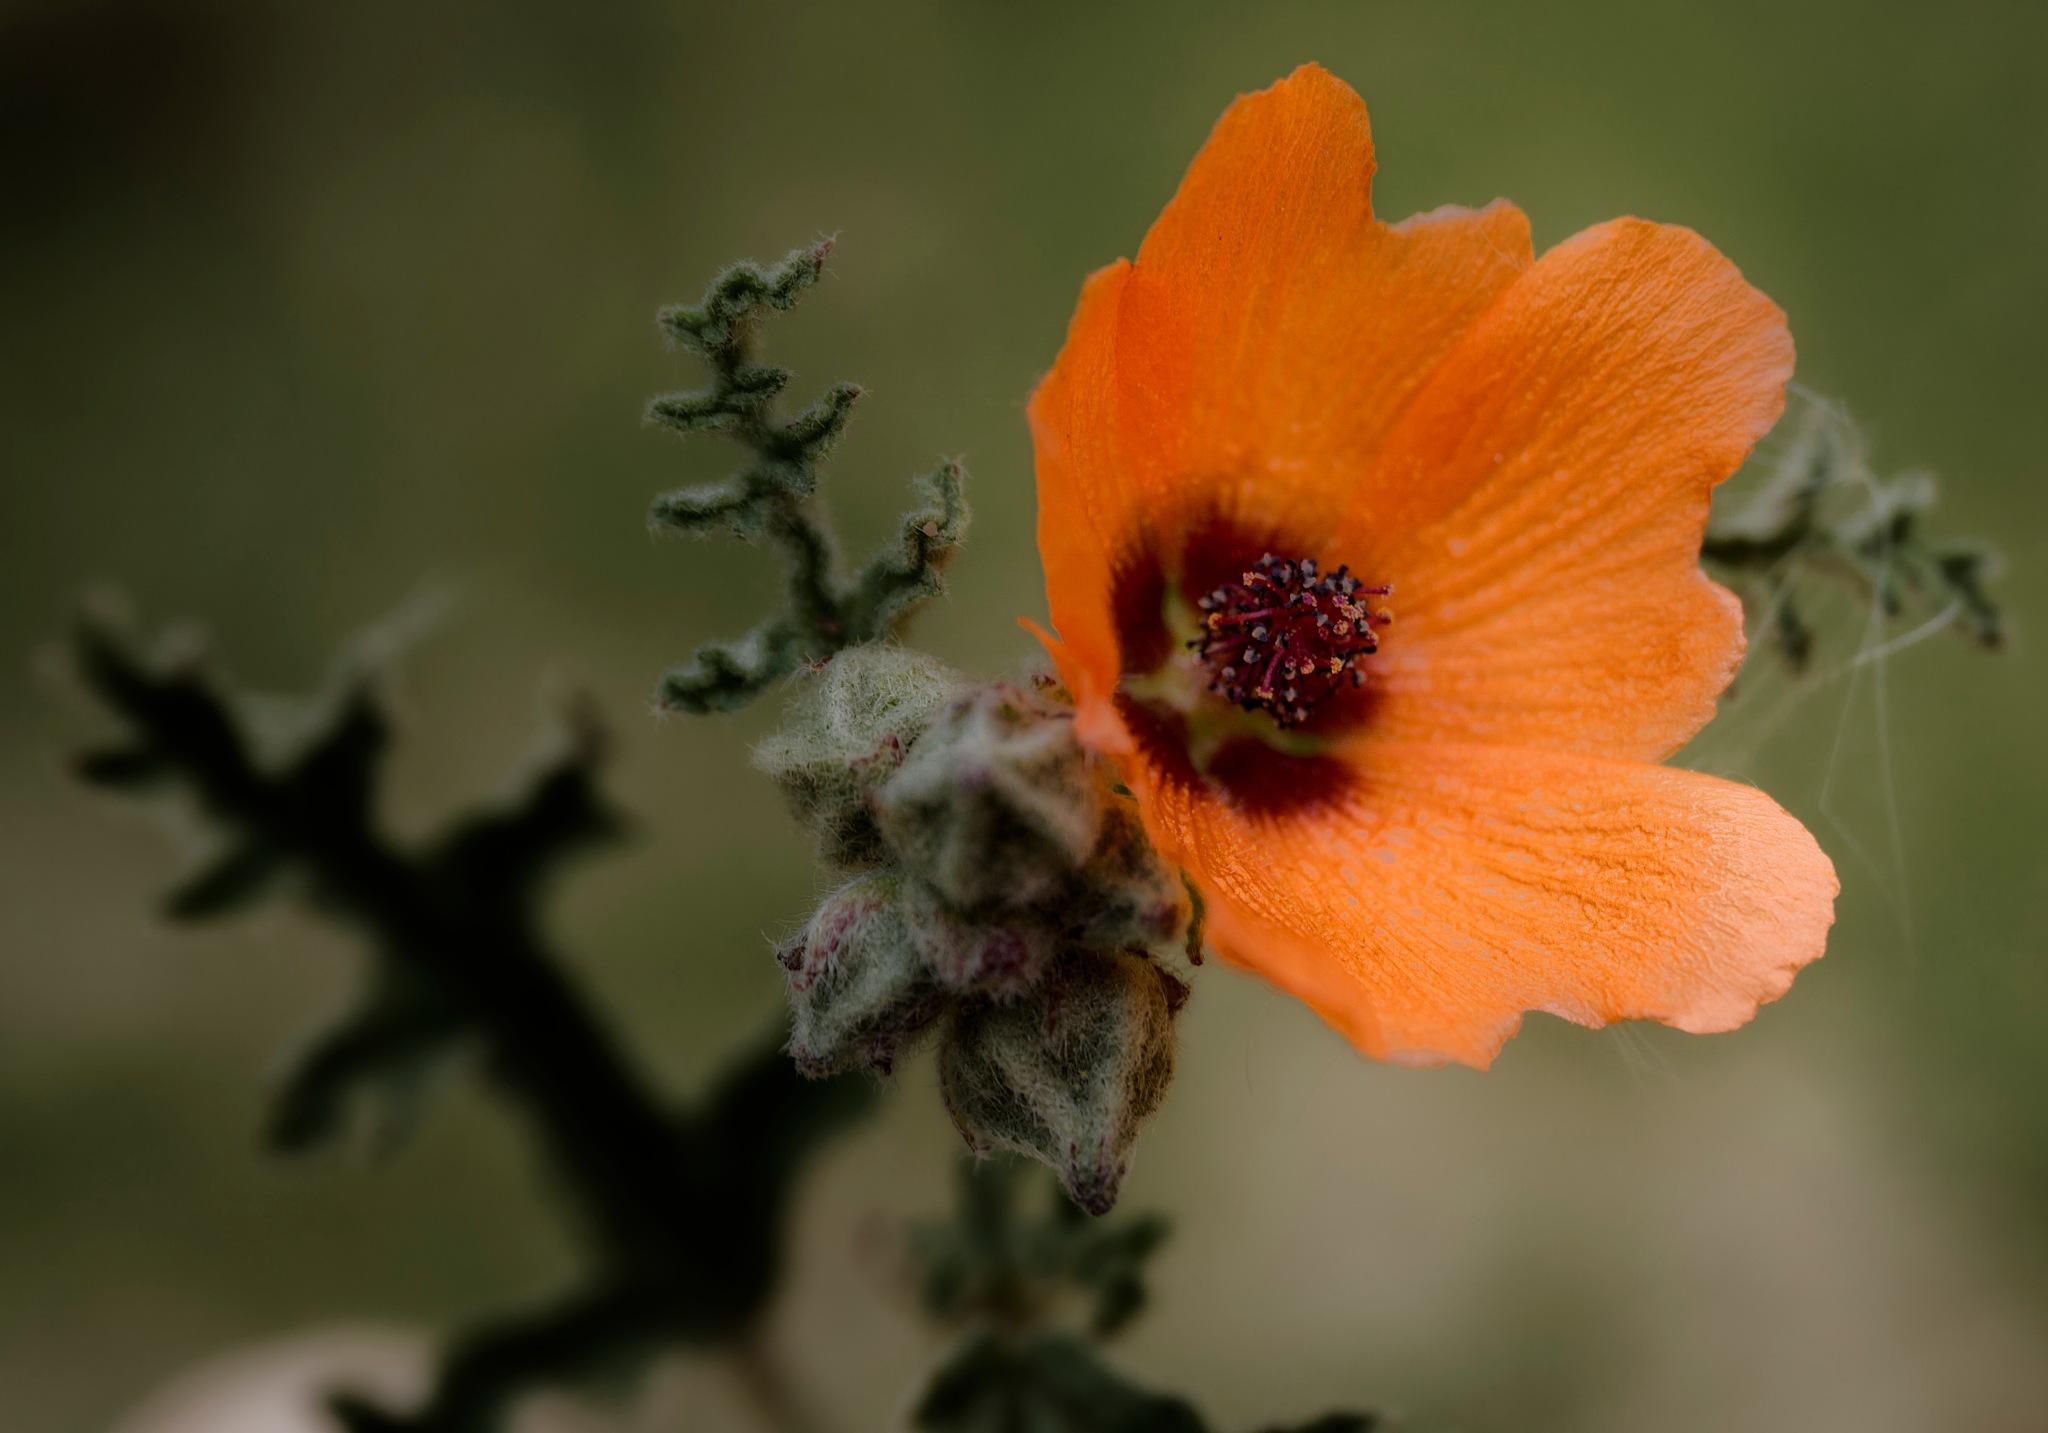 Orange by Manlake Gabriel